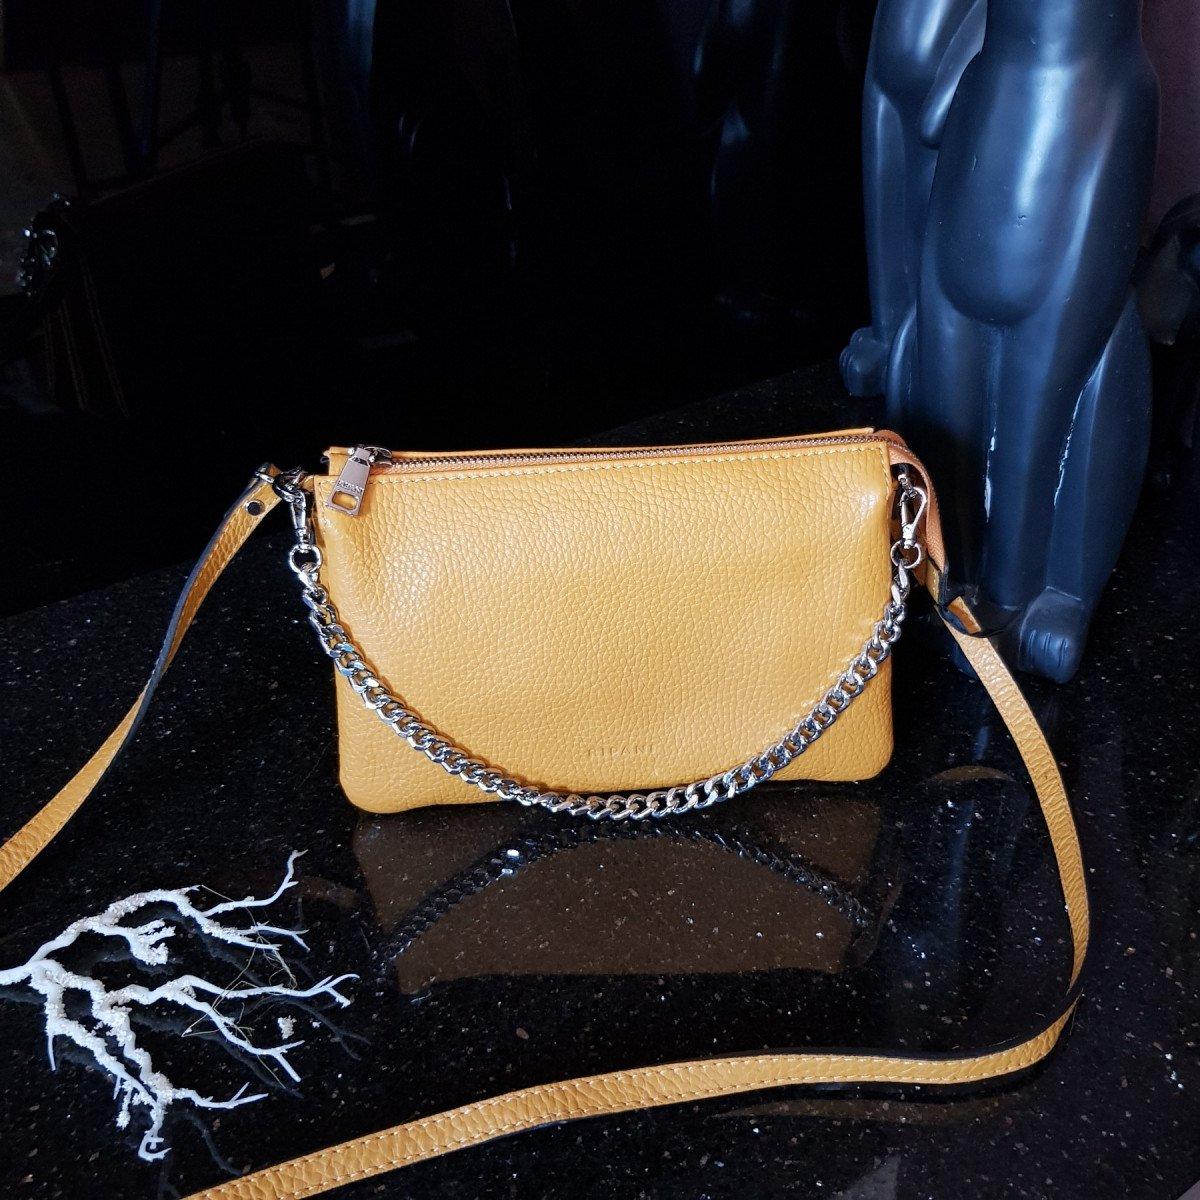 Женская кожаная сумка Ripani 7086OJ.00040 Senape из натуральной кожи